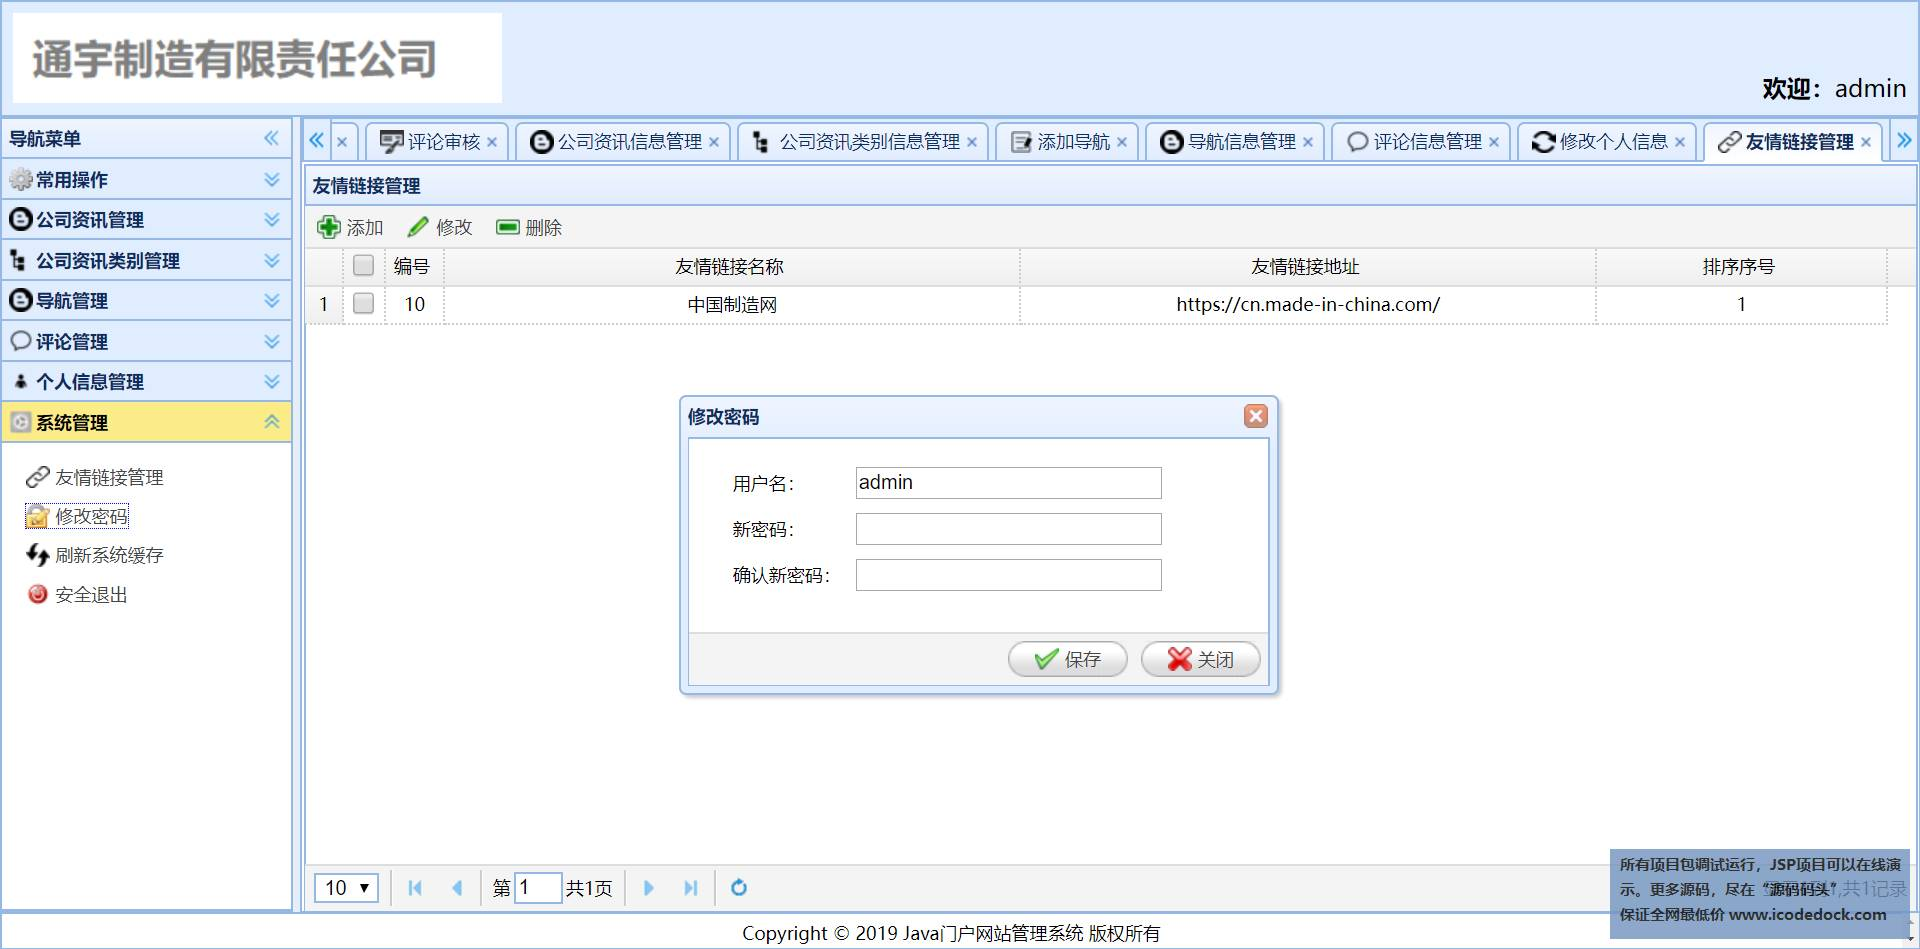 源码码头-SSM企业官方网站-管理员角色-修改密码